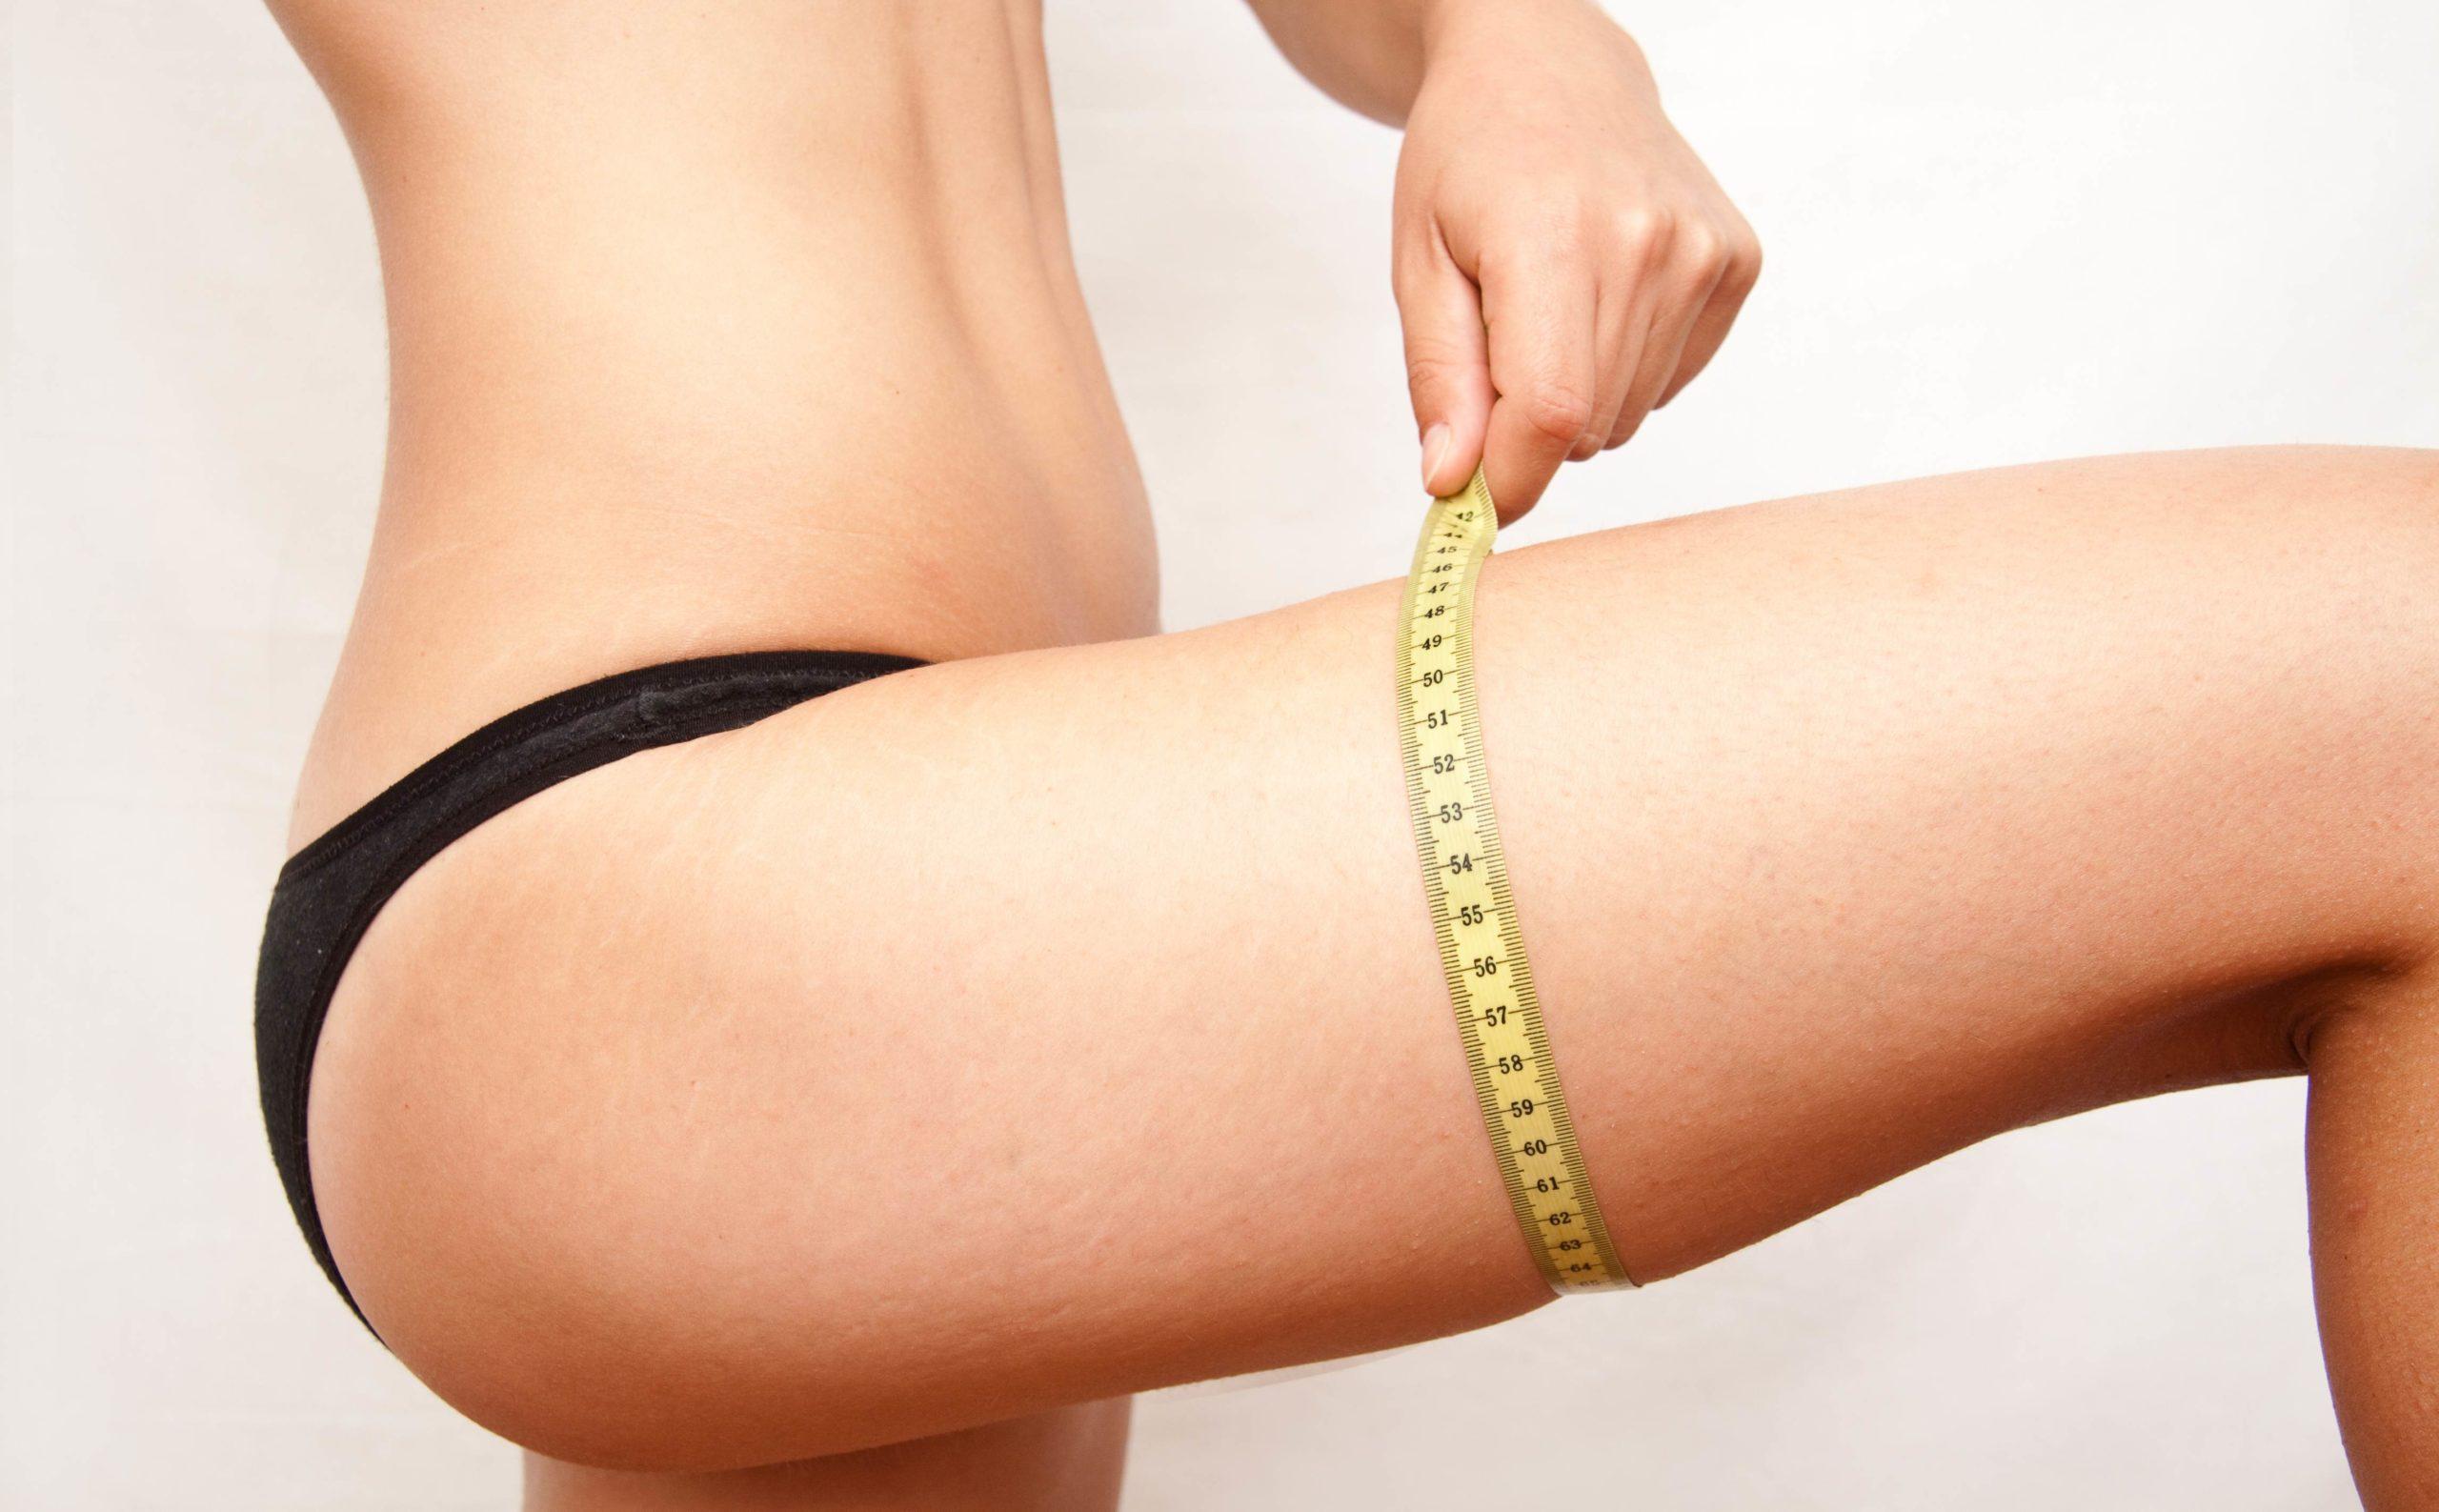 Comment maigrir ou perdre des cuisses rapidement ?